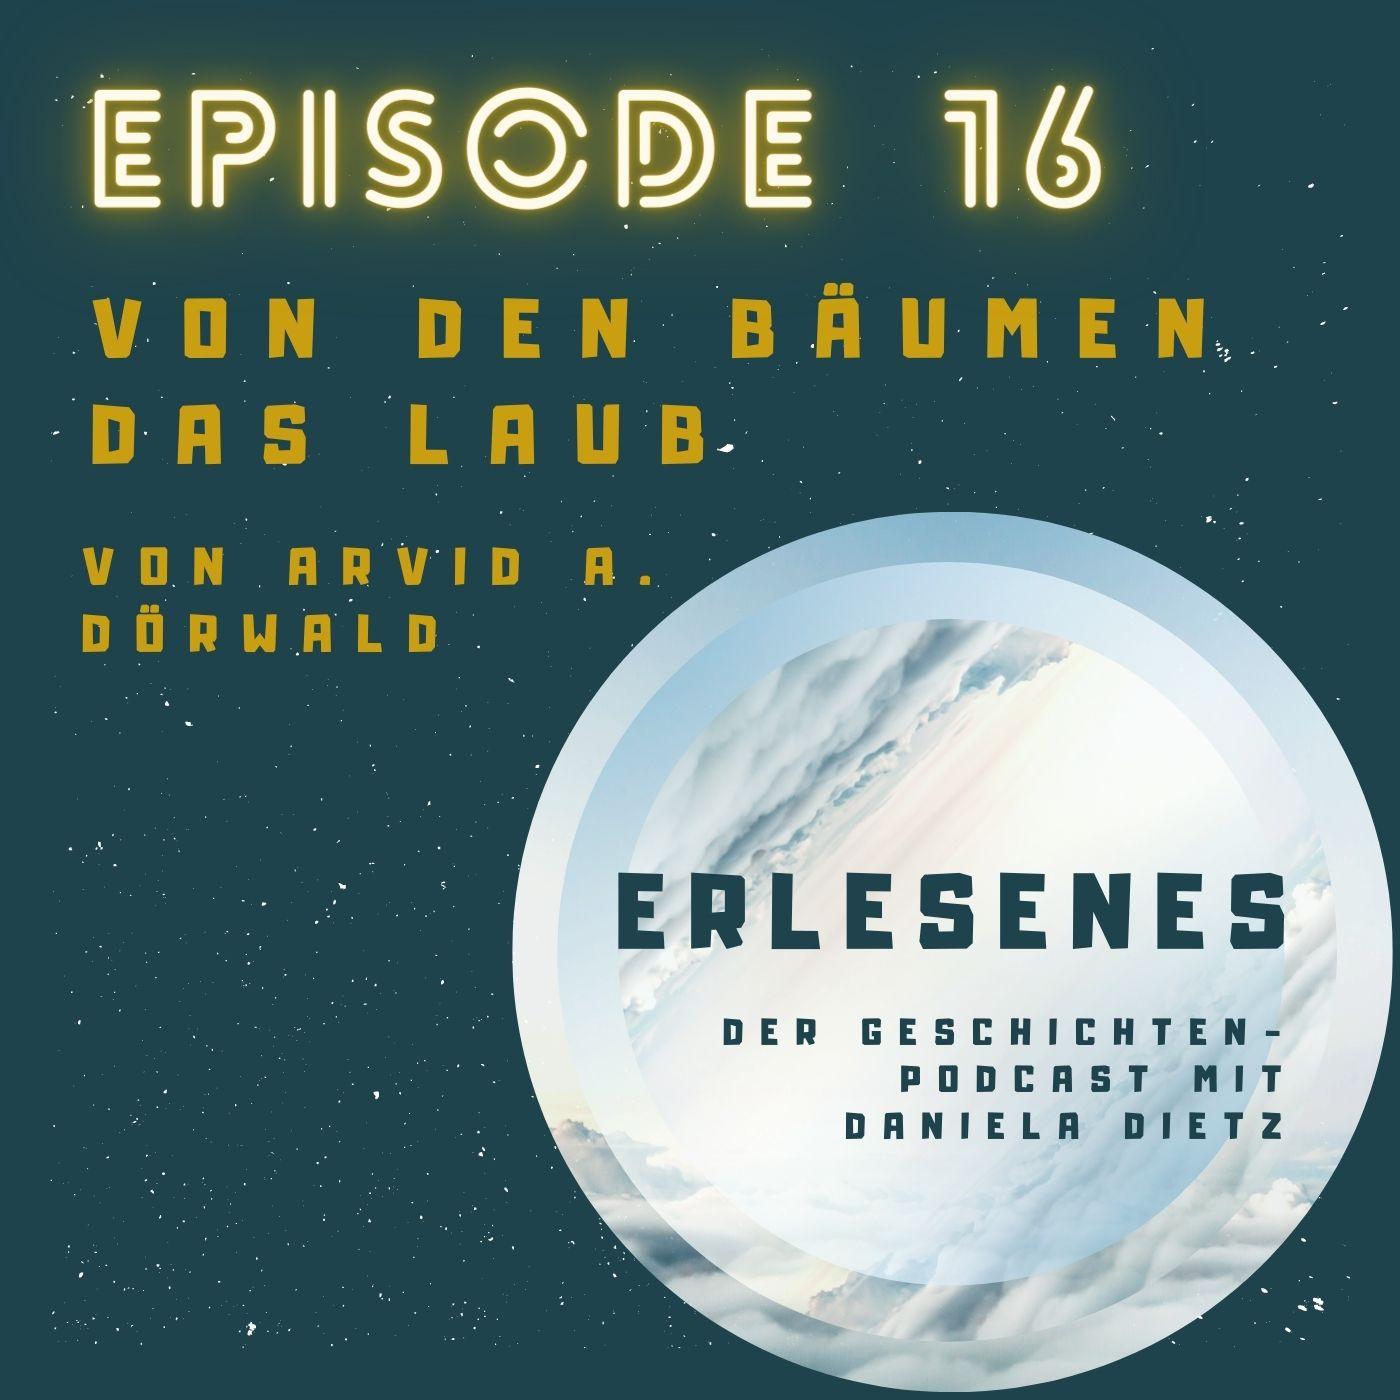 Episode 16: Von den Bäumen das Laub von Arvid A. Dörwald